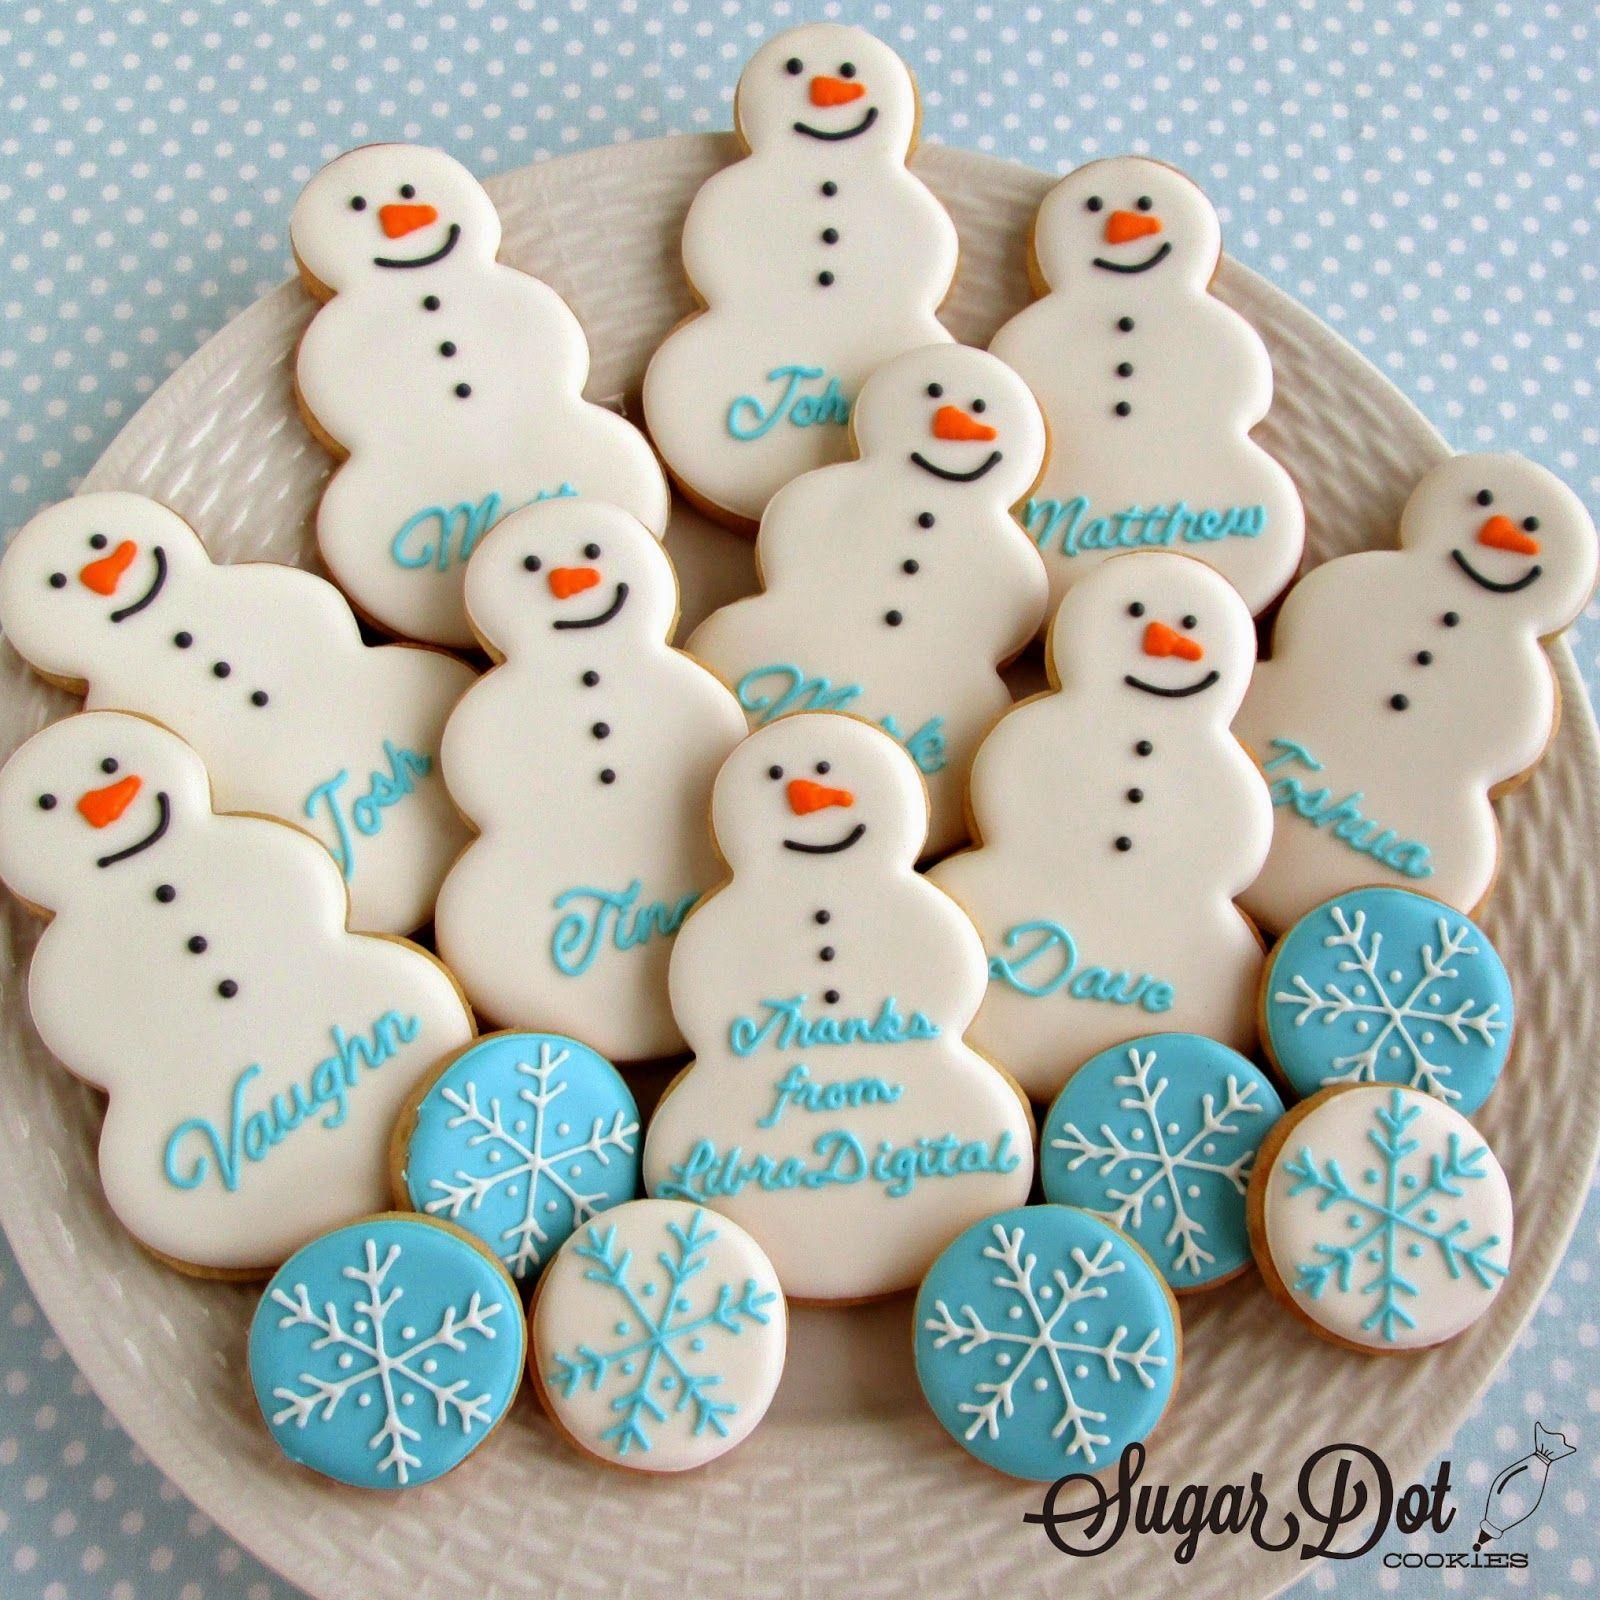 Sugar Dot Cookies Christmas Winter Sugar Cookies Cookies